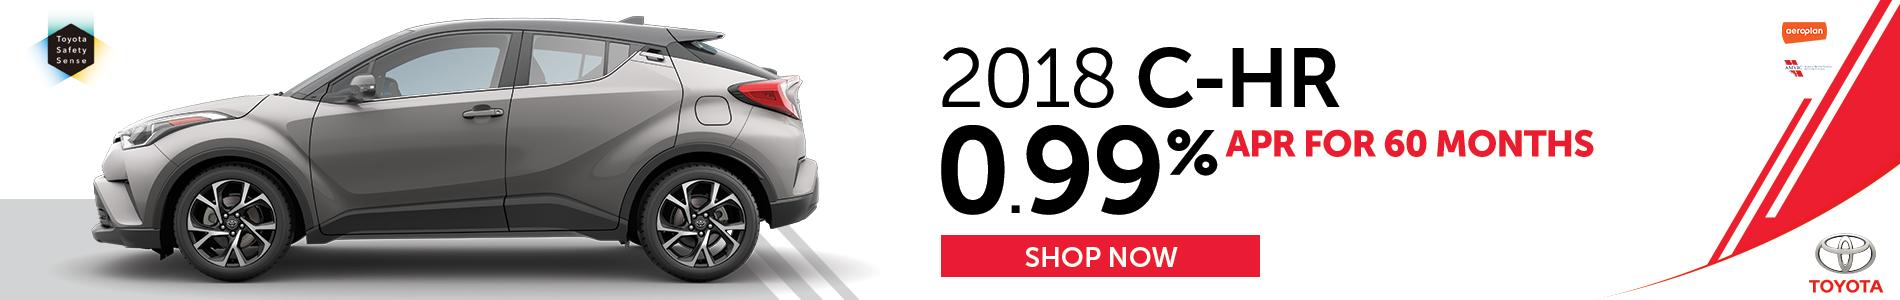 Shop 2018 C-HR